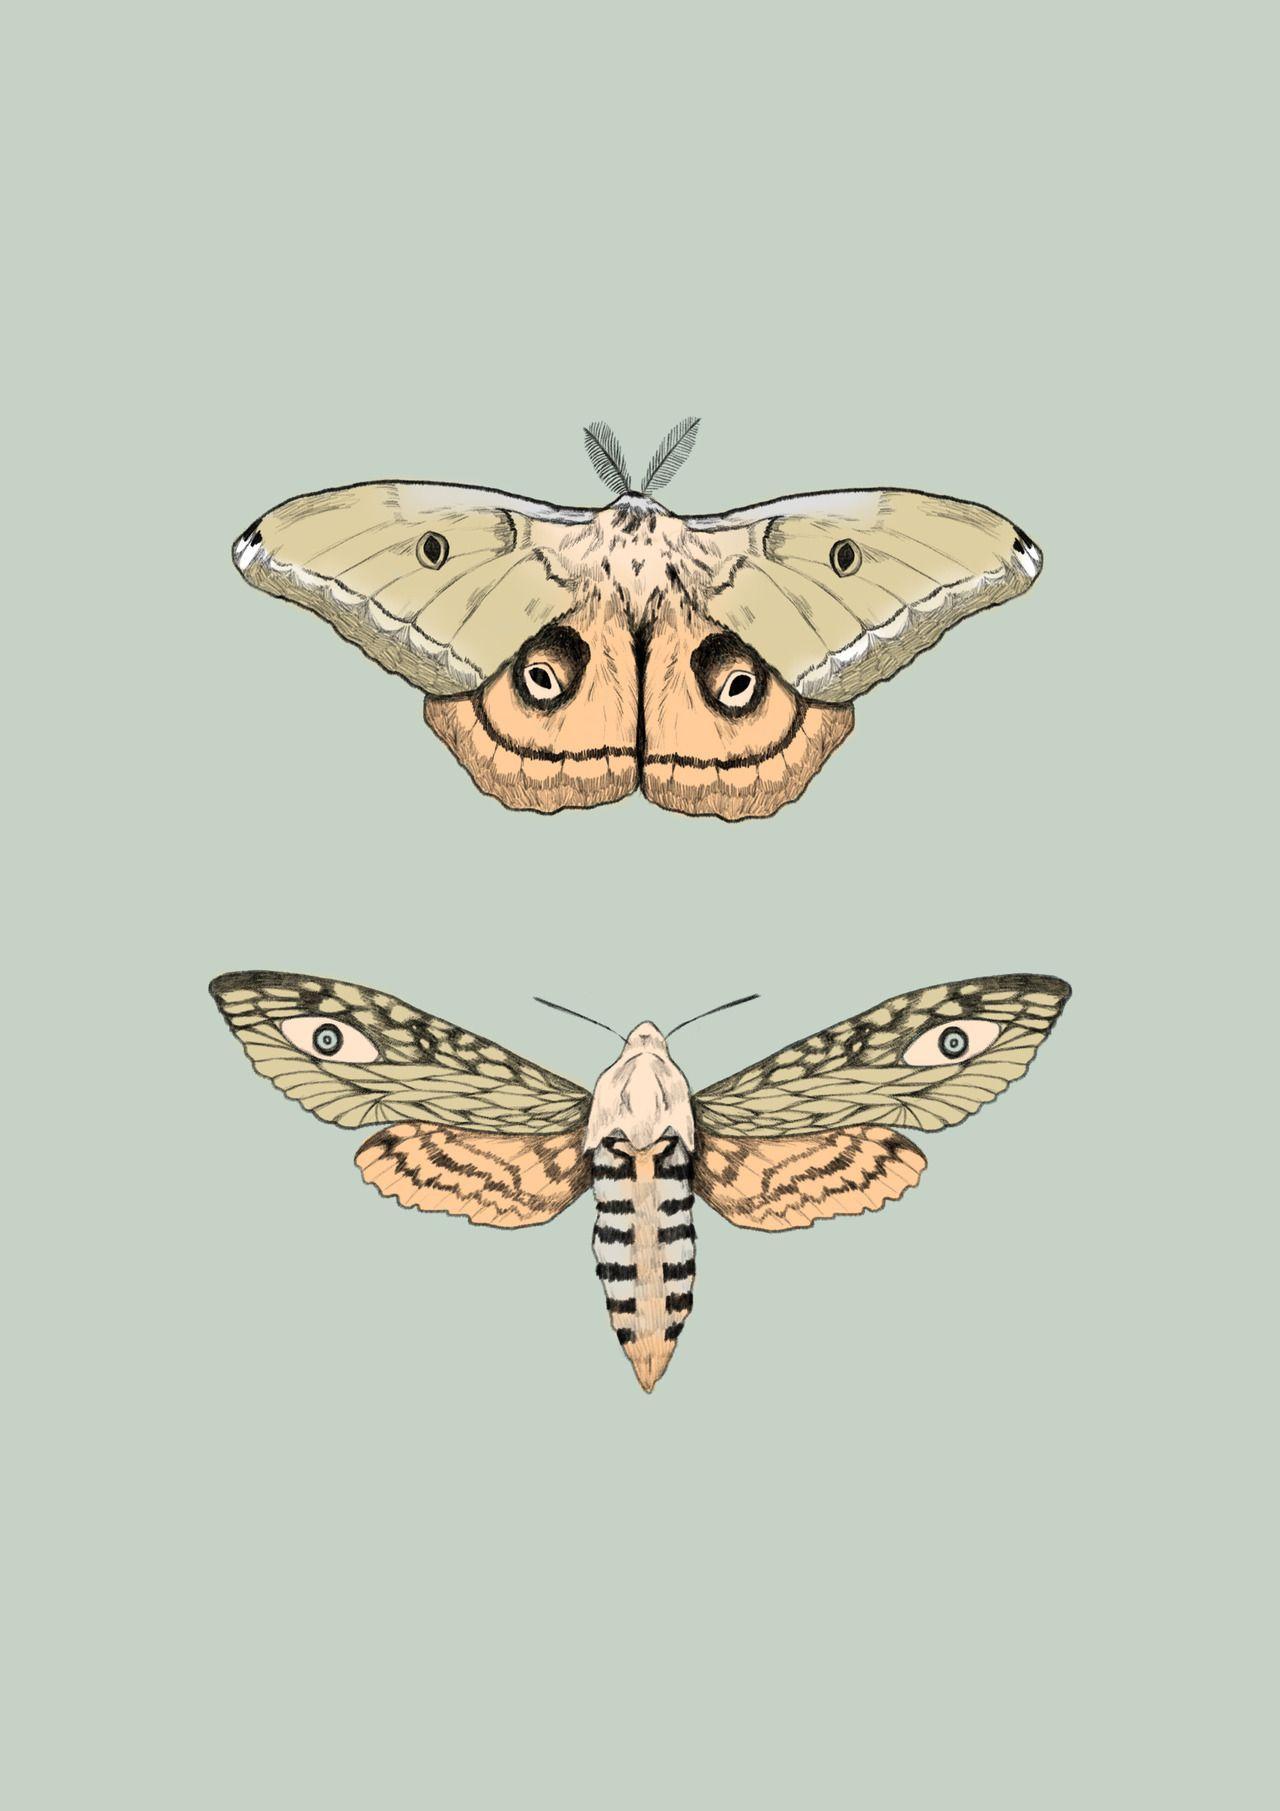 Emmamartschinke Die Manner Und Frauen Von Heute Suchen Nach Flotten Motten Die Ihnen Zeigen Was Lang Geht Hier Sin Moth Drawing Wings Drawing Art Sketches